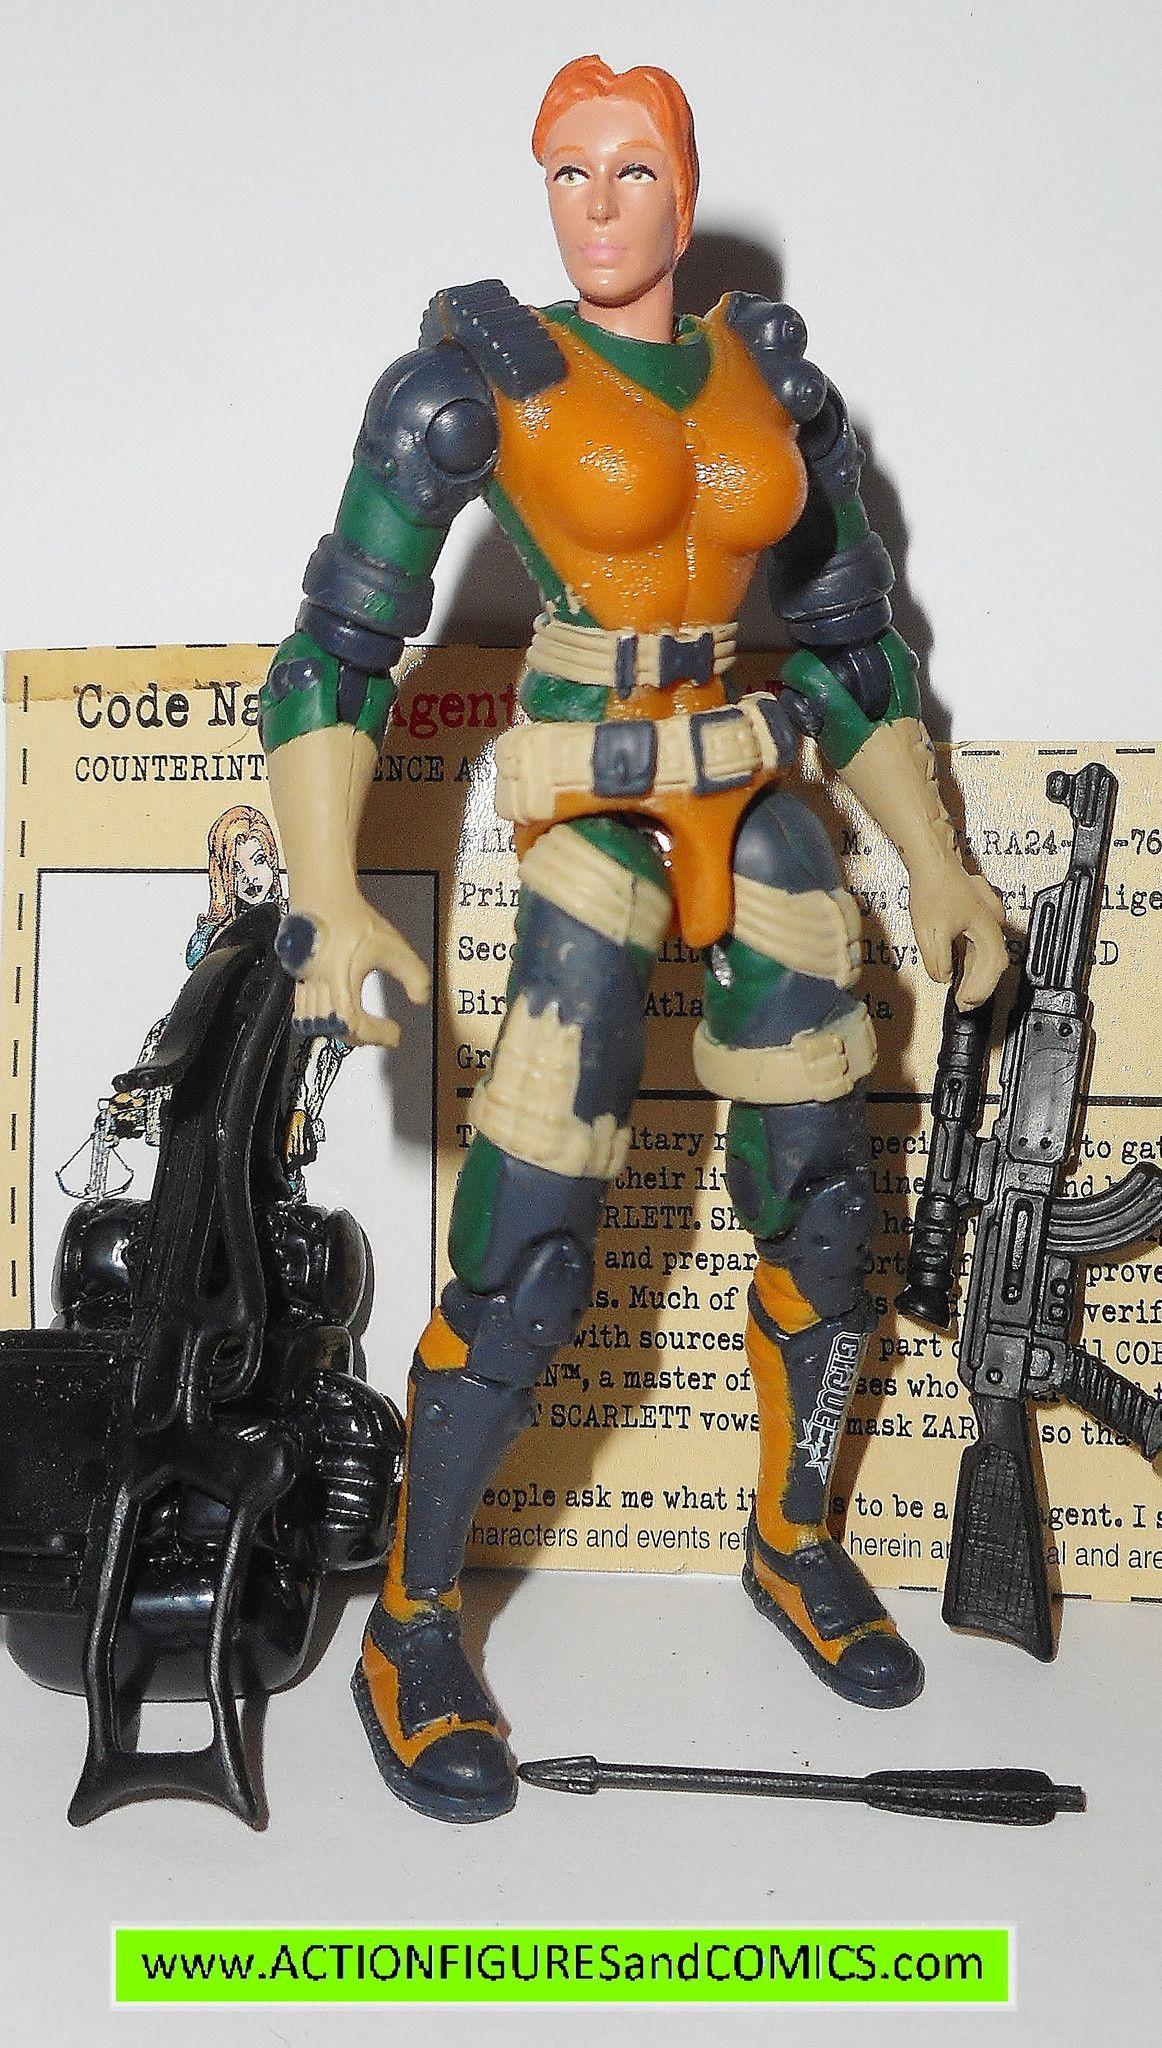 gi joe SCARLETT 2002 v7 agent g i vs cobra action figures gijoe